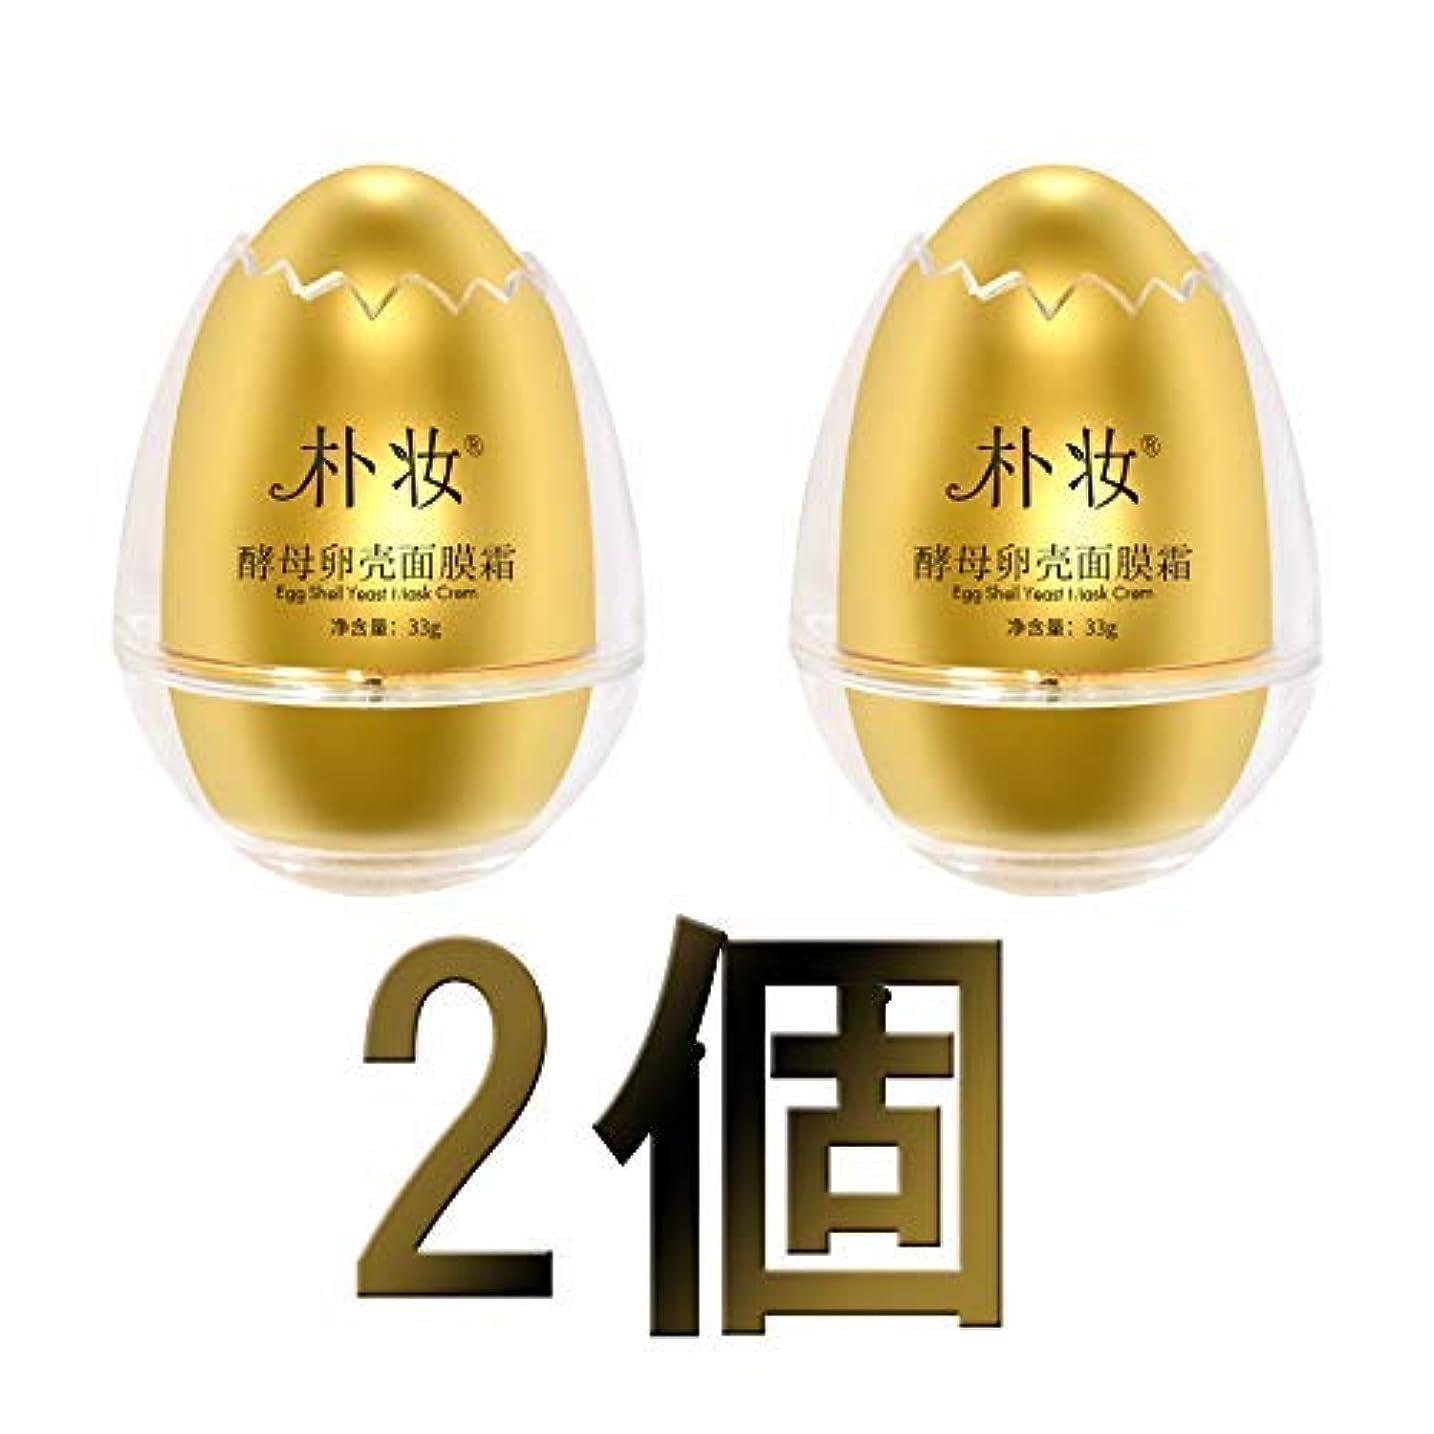 勇敢な絶望的な誠意朴妆たんたんパックx2個 酵母卵殻マスククリーム33g しっとりと た肌,シュリンクポア,しわ耐性,肌を引っ張る、